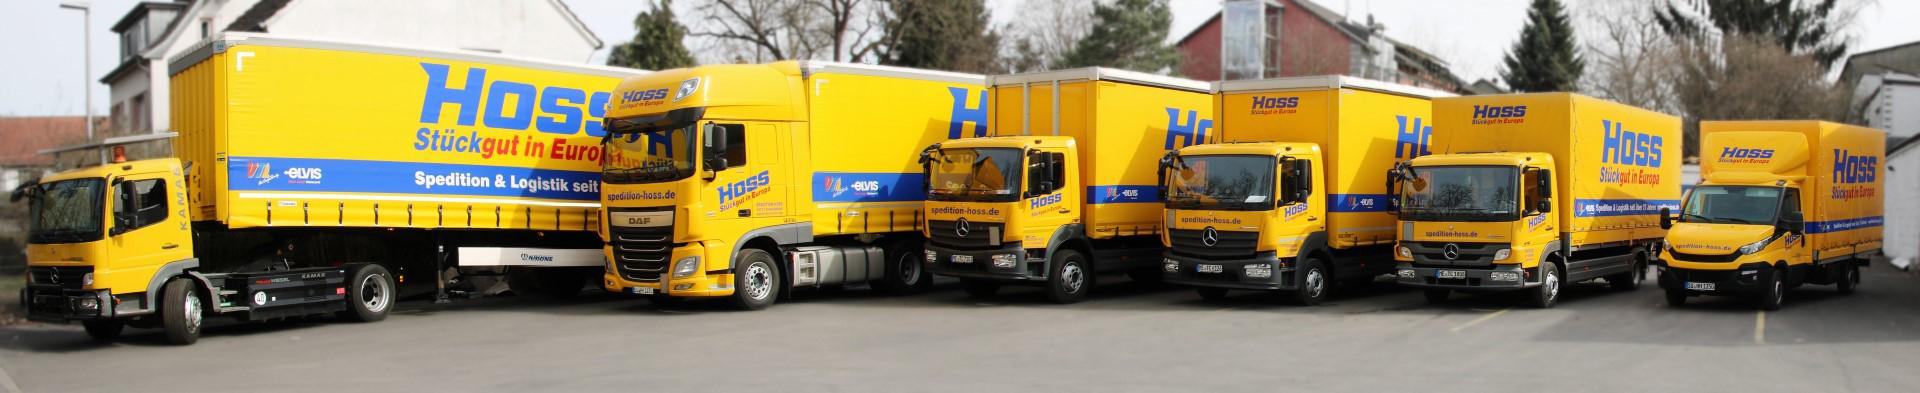 Das Bild zeigt einen Teil der Fahrzeugflotte der Spedition Hoss GmbH & Co. KG